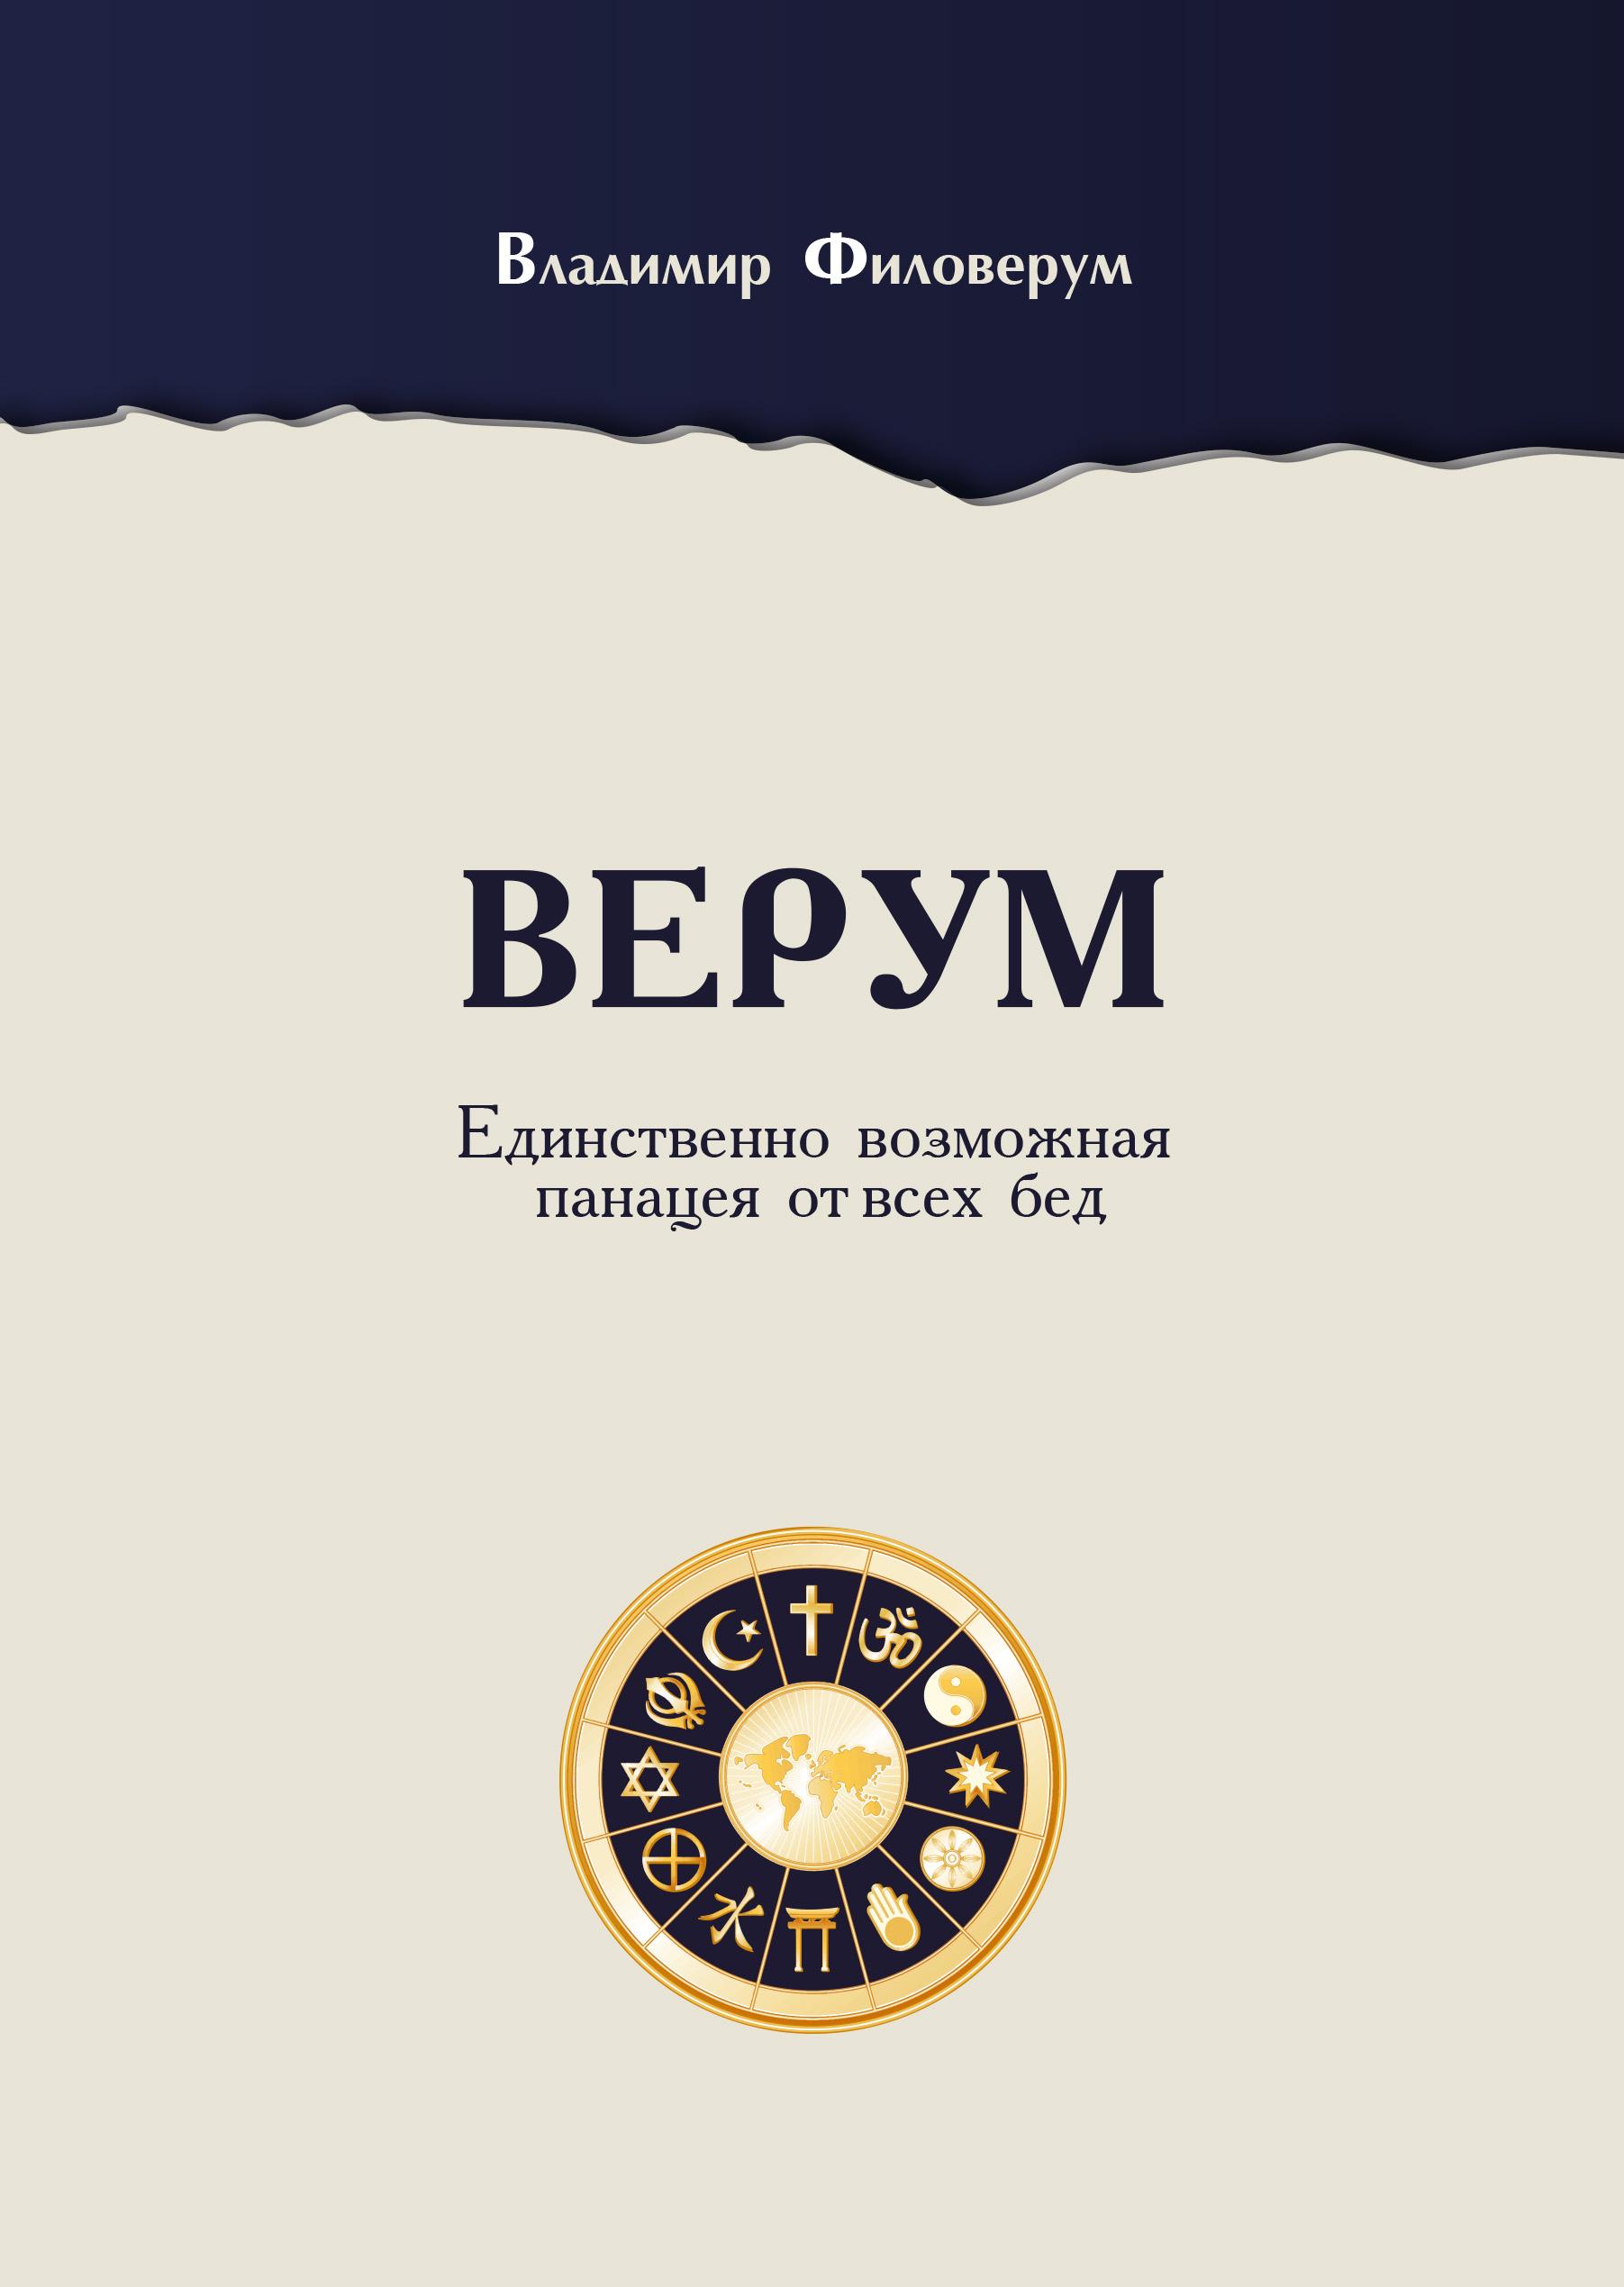 Владимир Филоверум «Верум. Единственно возможная панацея от всех бед»